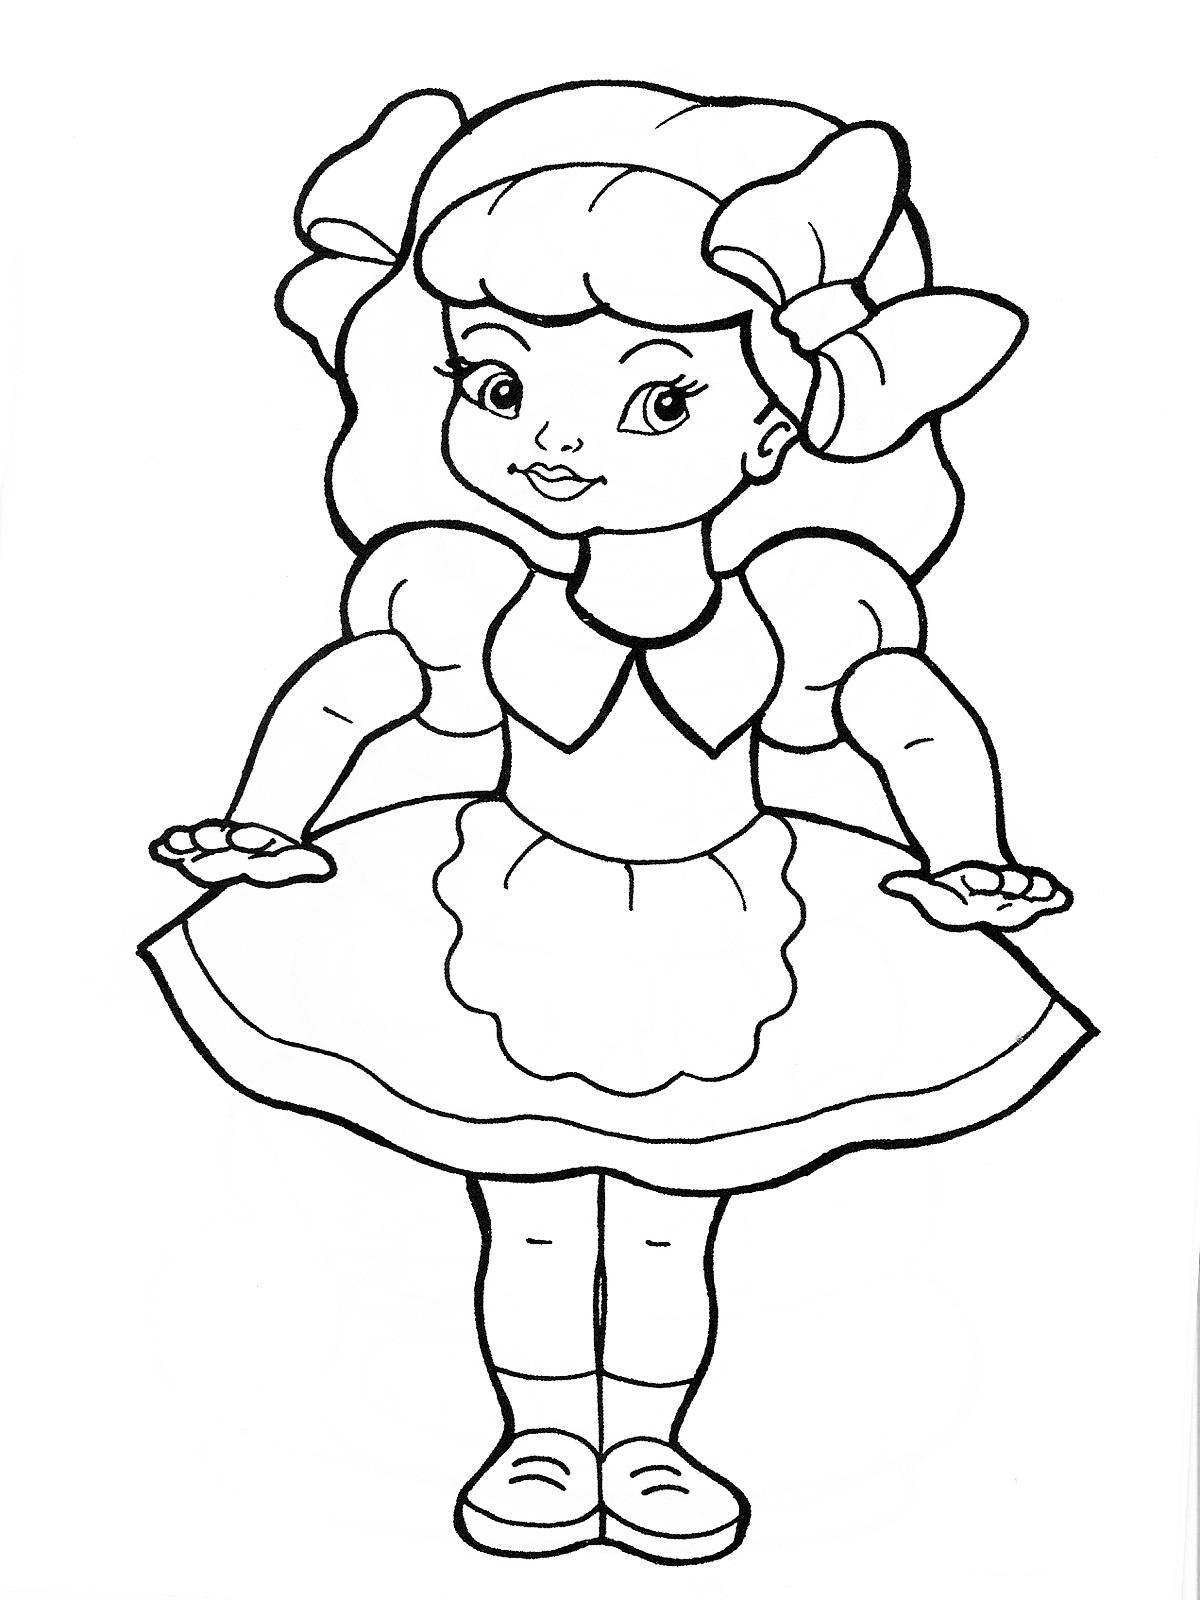 Раскраски куклы Раскраски куклы, раскраски для девочек с красивыми куклами